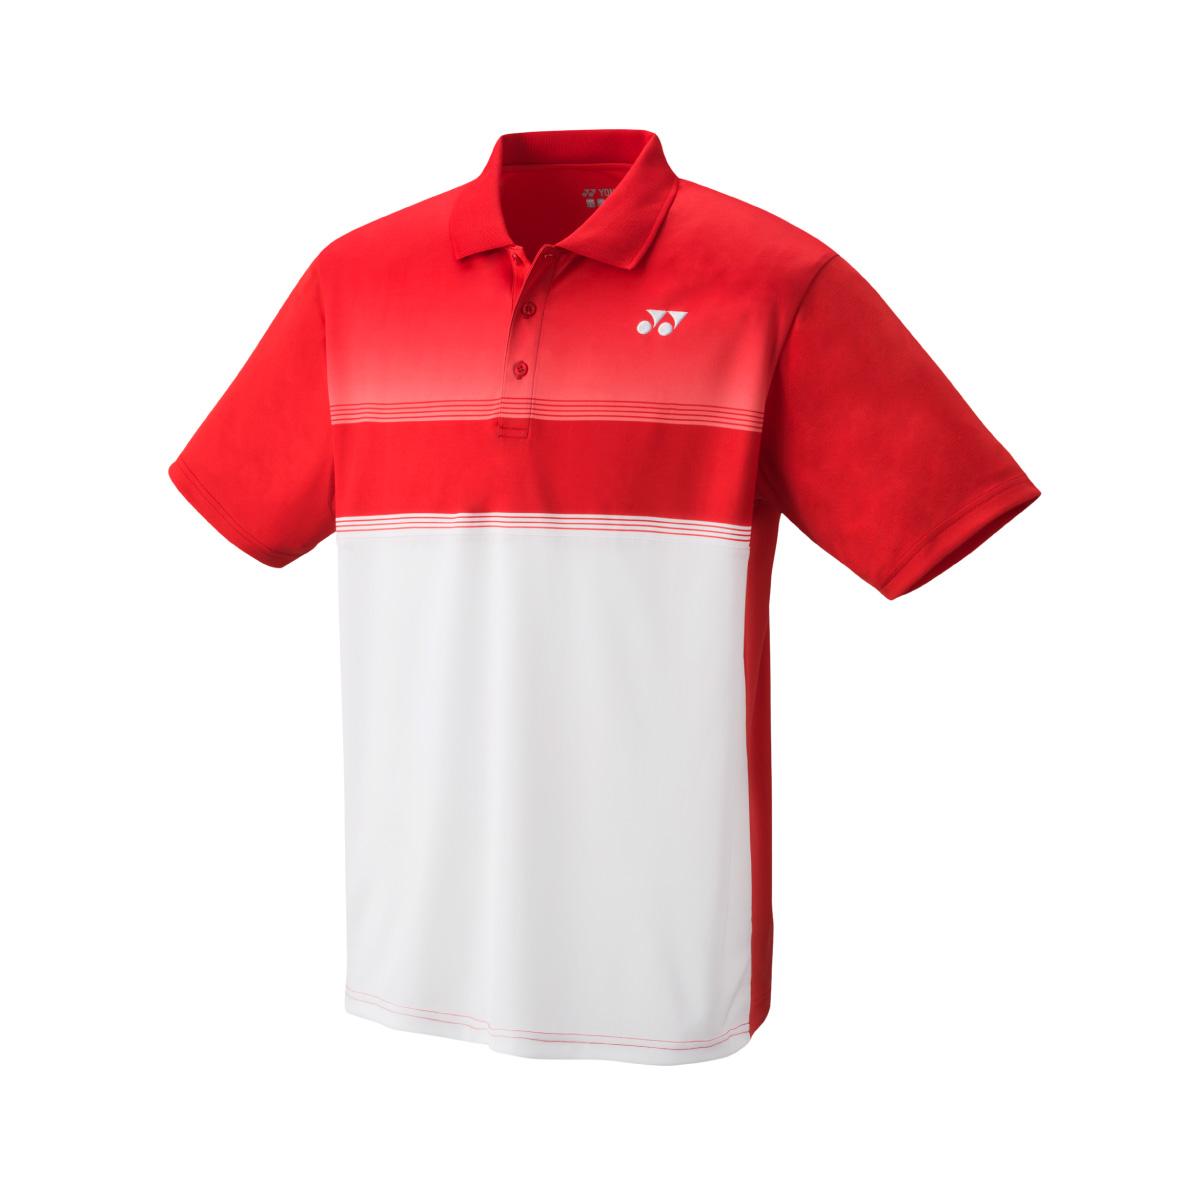 YONEX - Junior Polo Shirt, Club Team #YJ0019Detailbild - 0